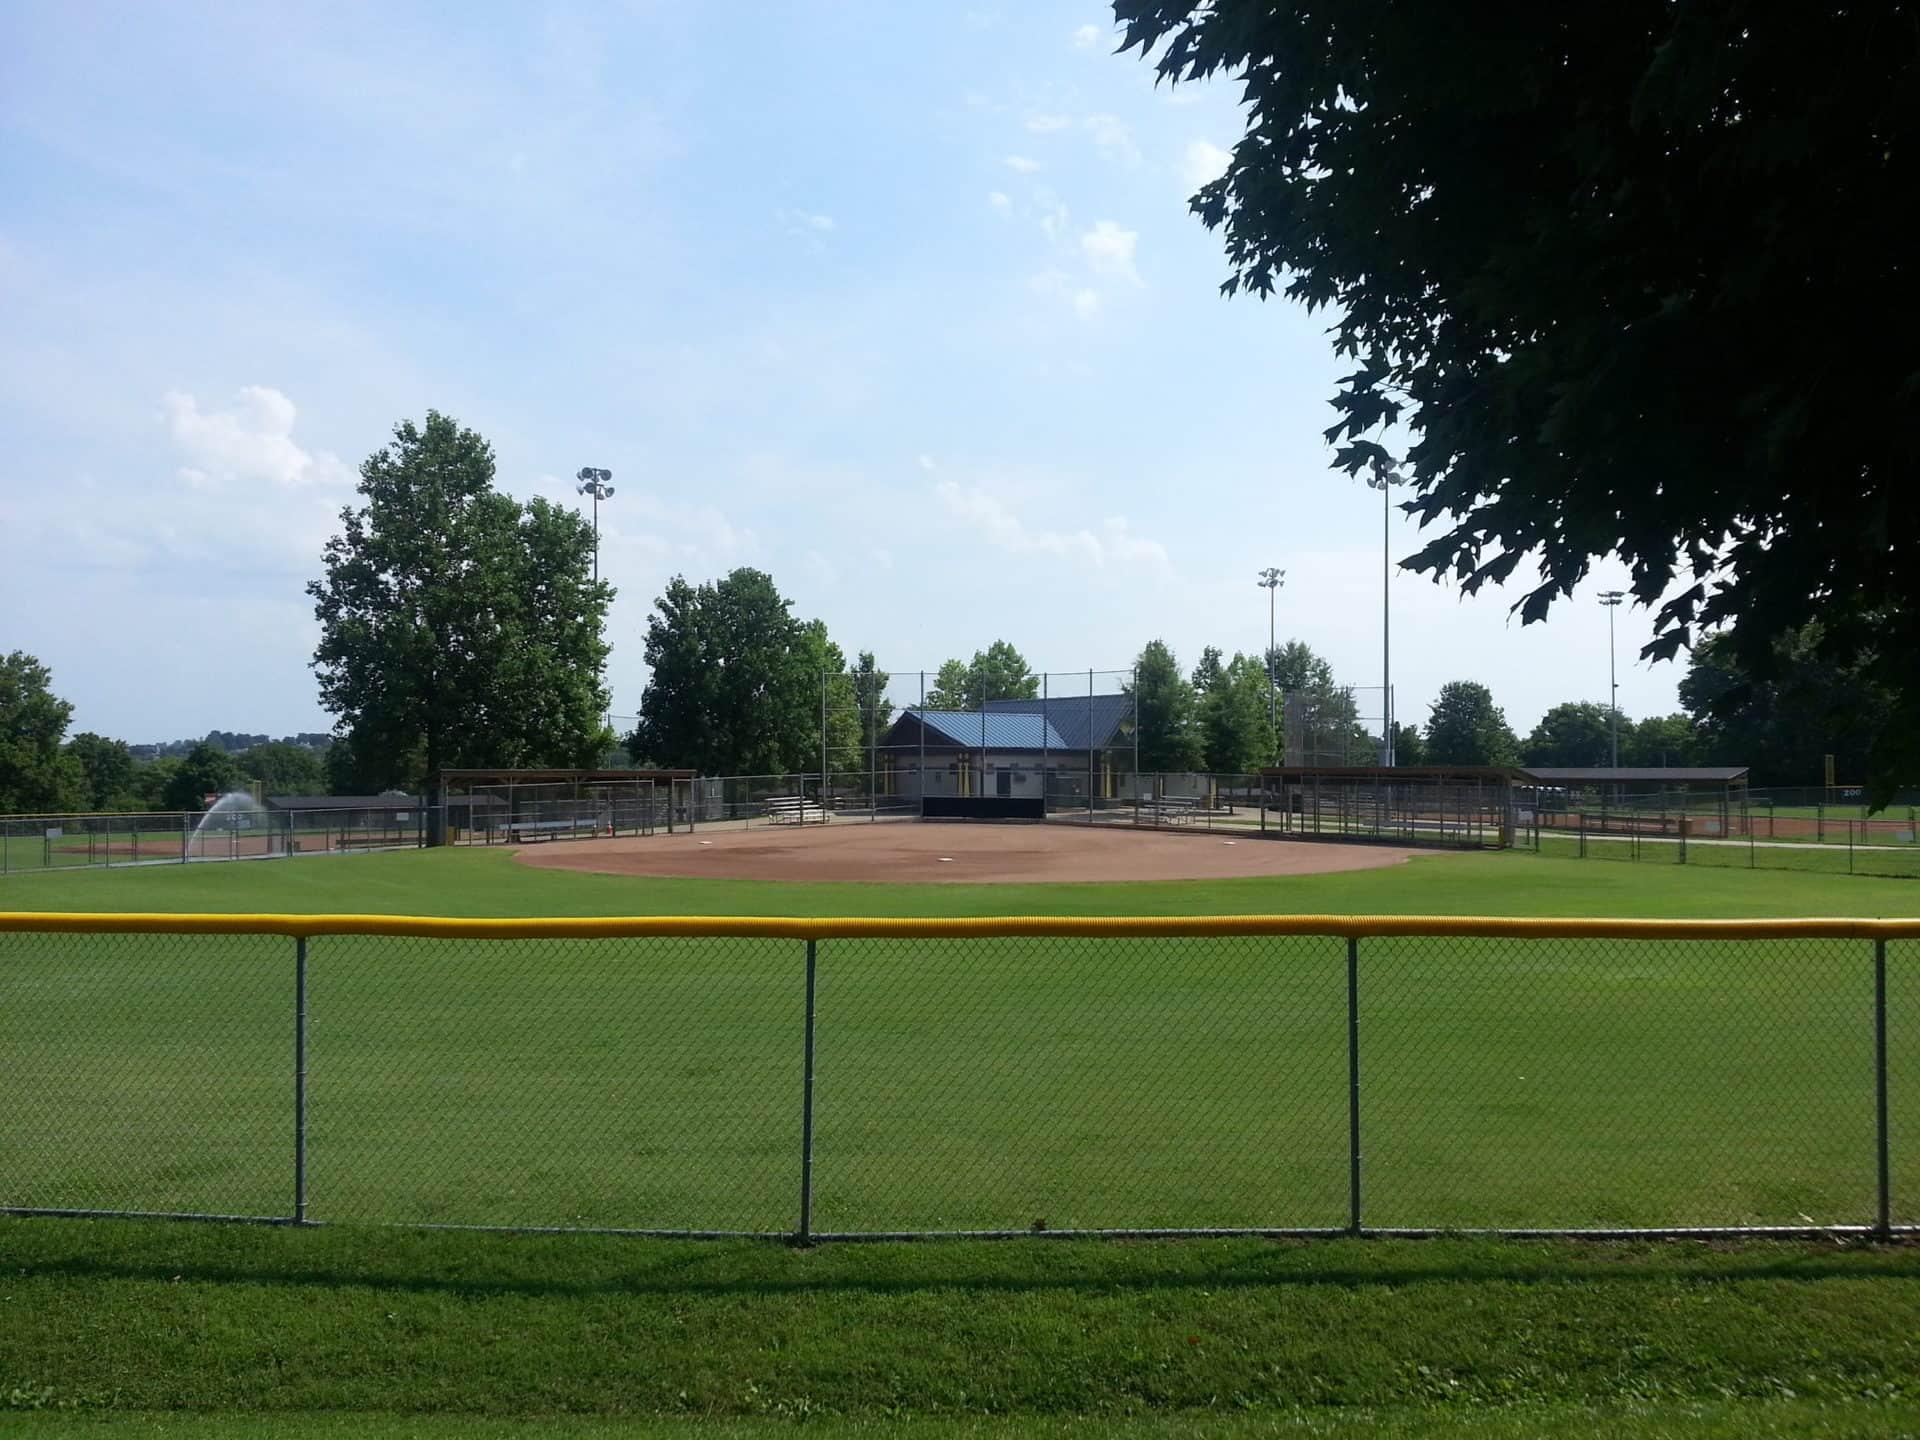 Crockett Park baseball field